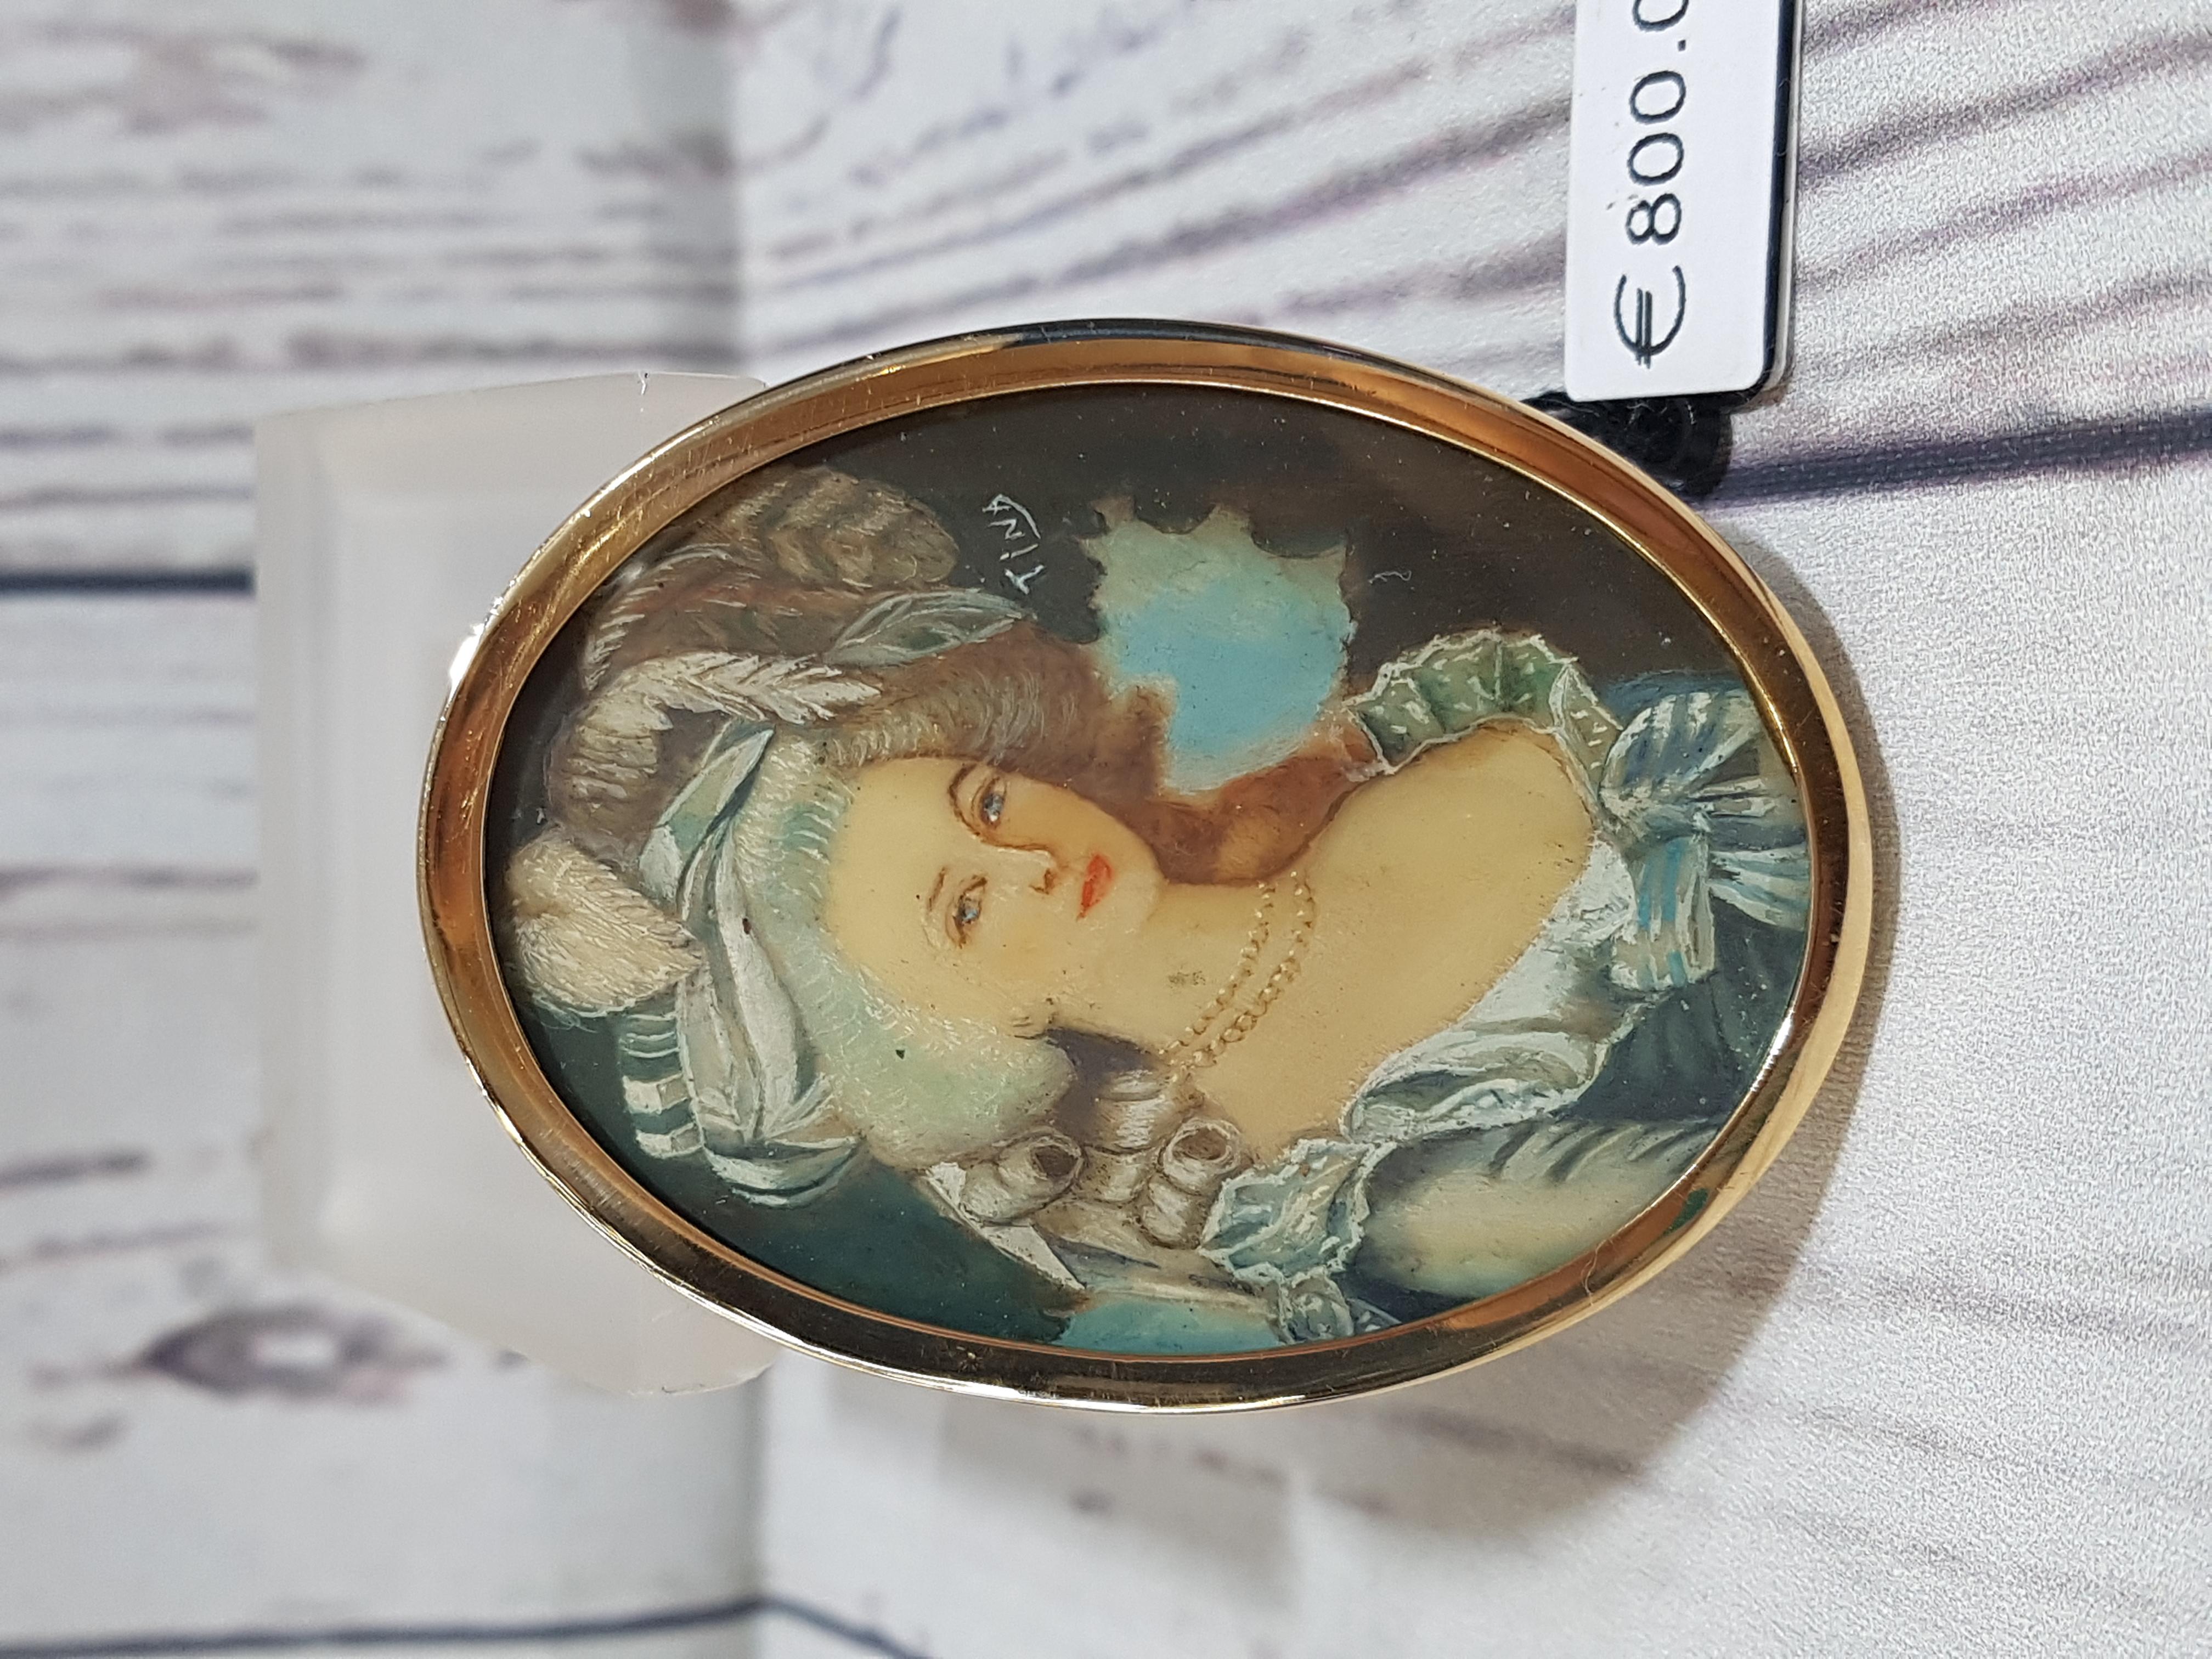 Ciondolo-spilla antica